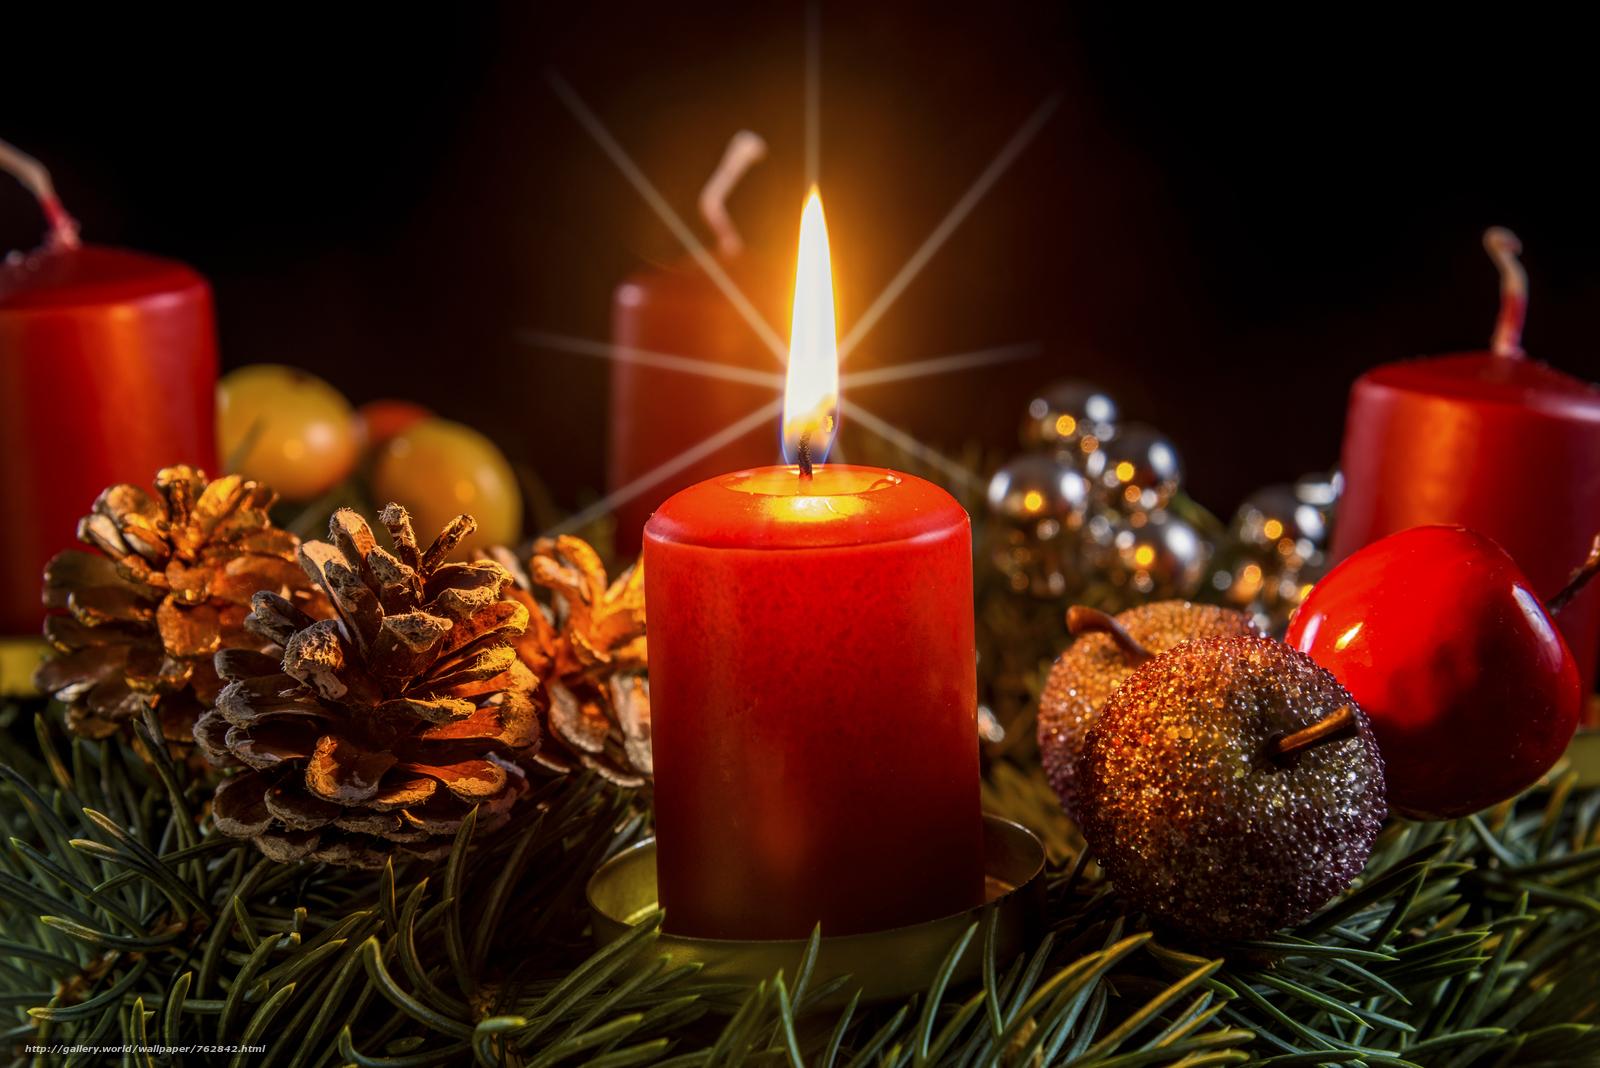 рисунку думаю картинки красные свечи и новый год слива для